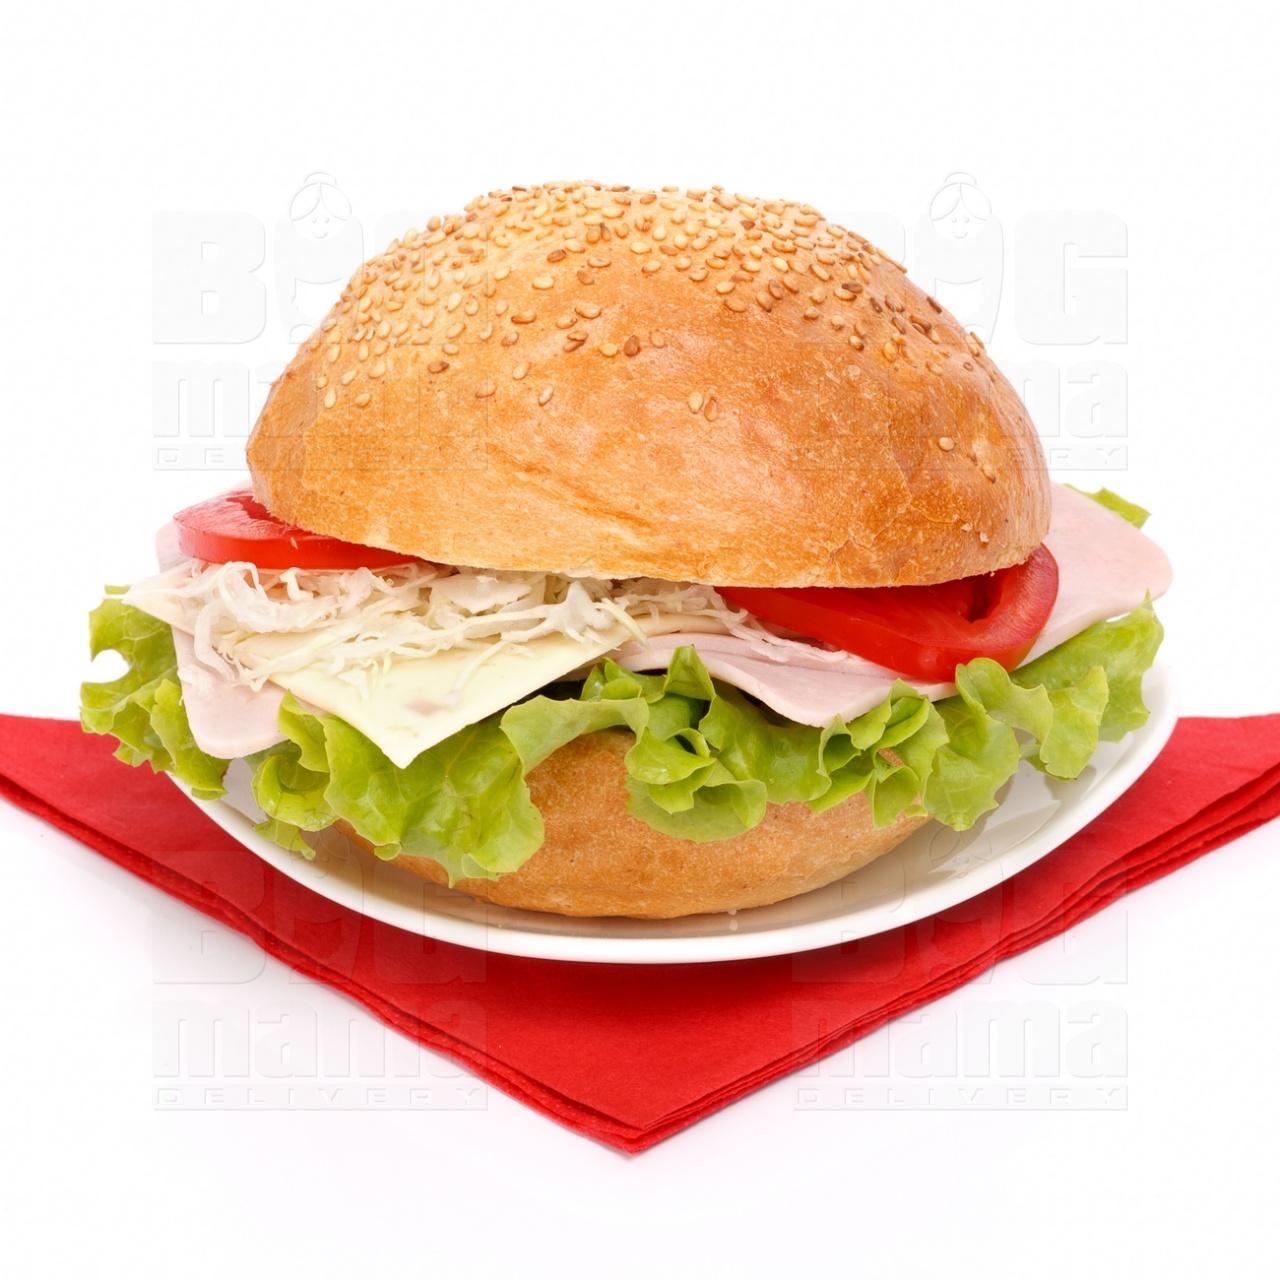 Product #62 image - Sandviş mare cu şuncă presată şi caşcaval